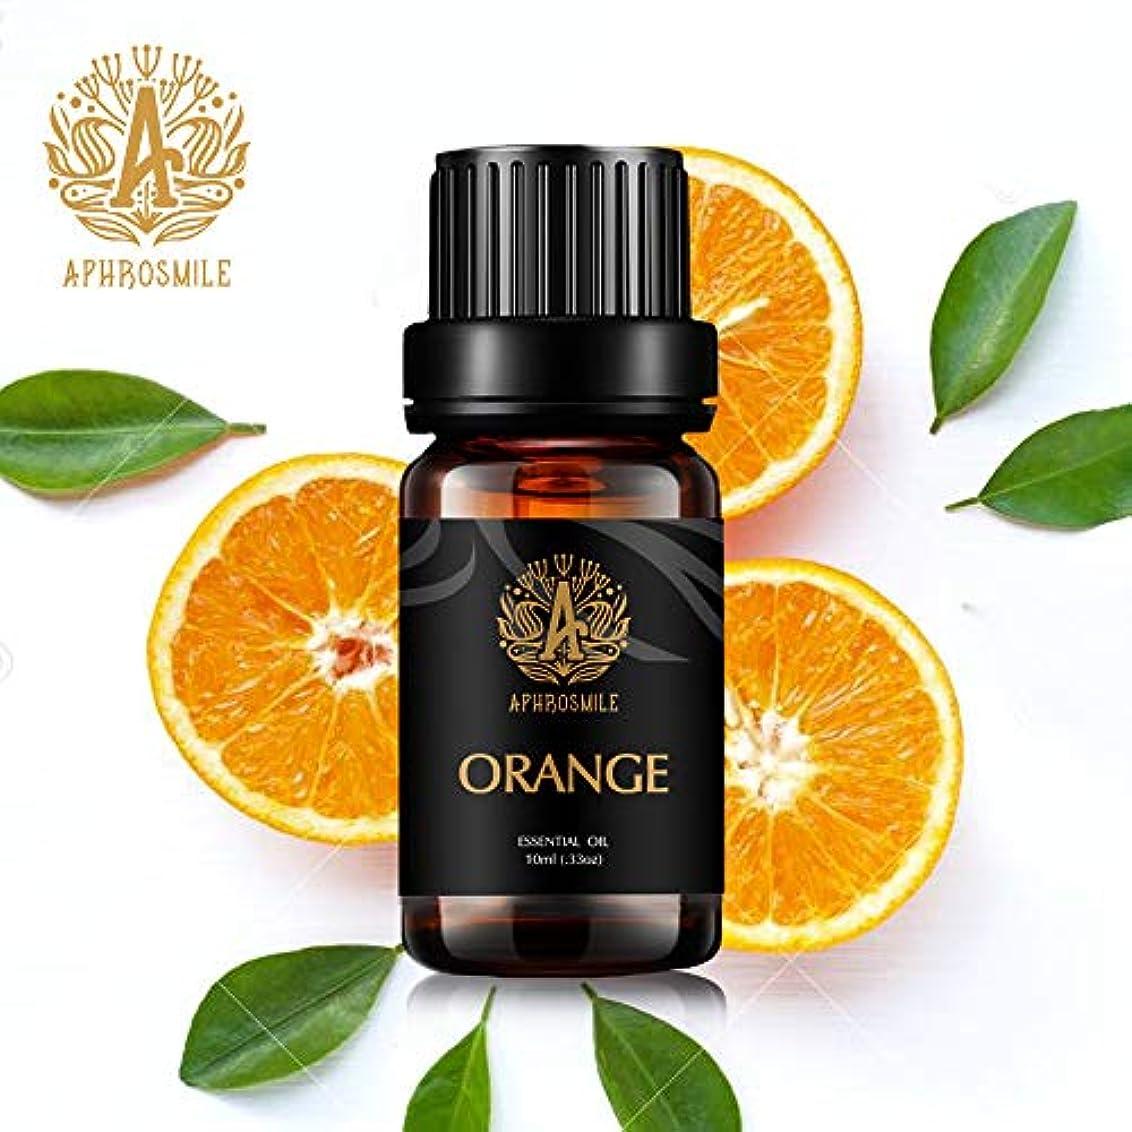 侵略イデオロギーメタルラインAphrosmile オレンジ エッセンシャル オイル FDA 認定 100% ピュア オレンジ オイル、有機治療グレードのアロマテラピー エッセンシャル オイル 10mL/0.33oz